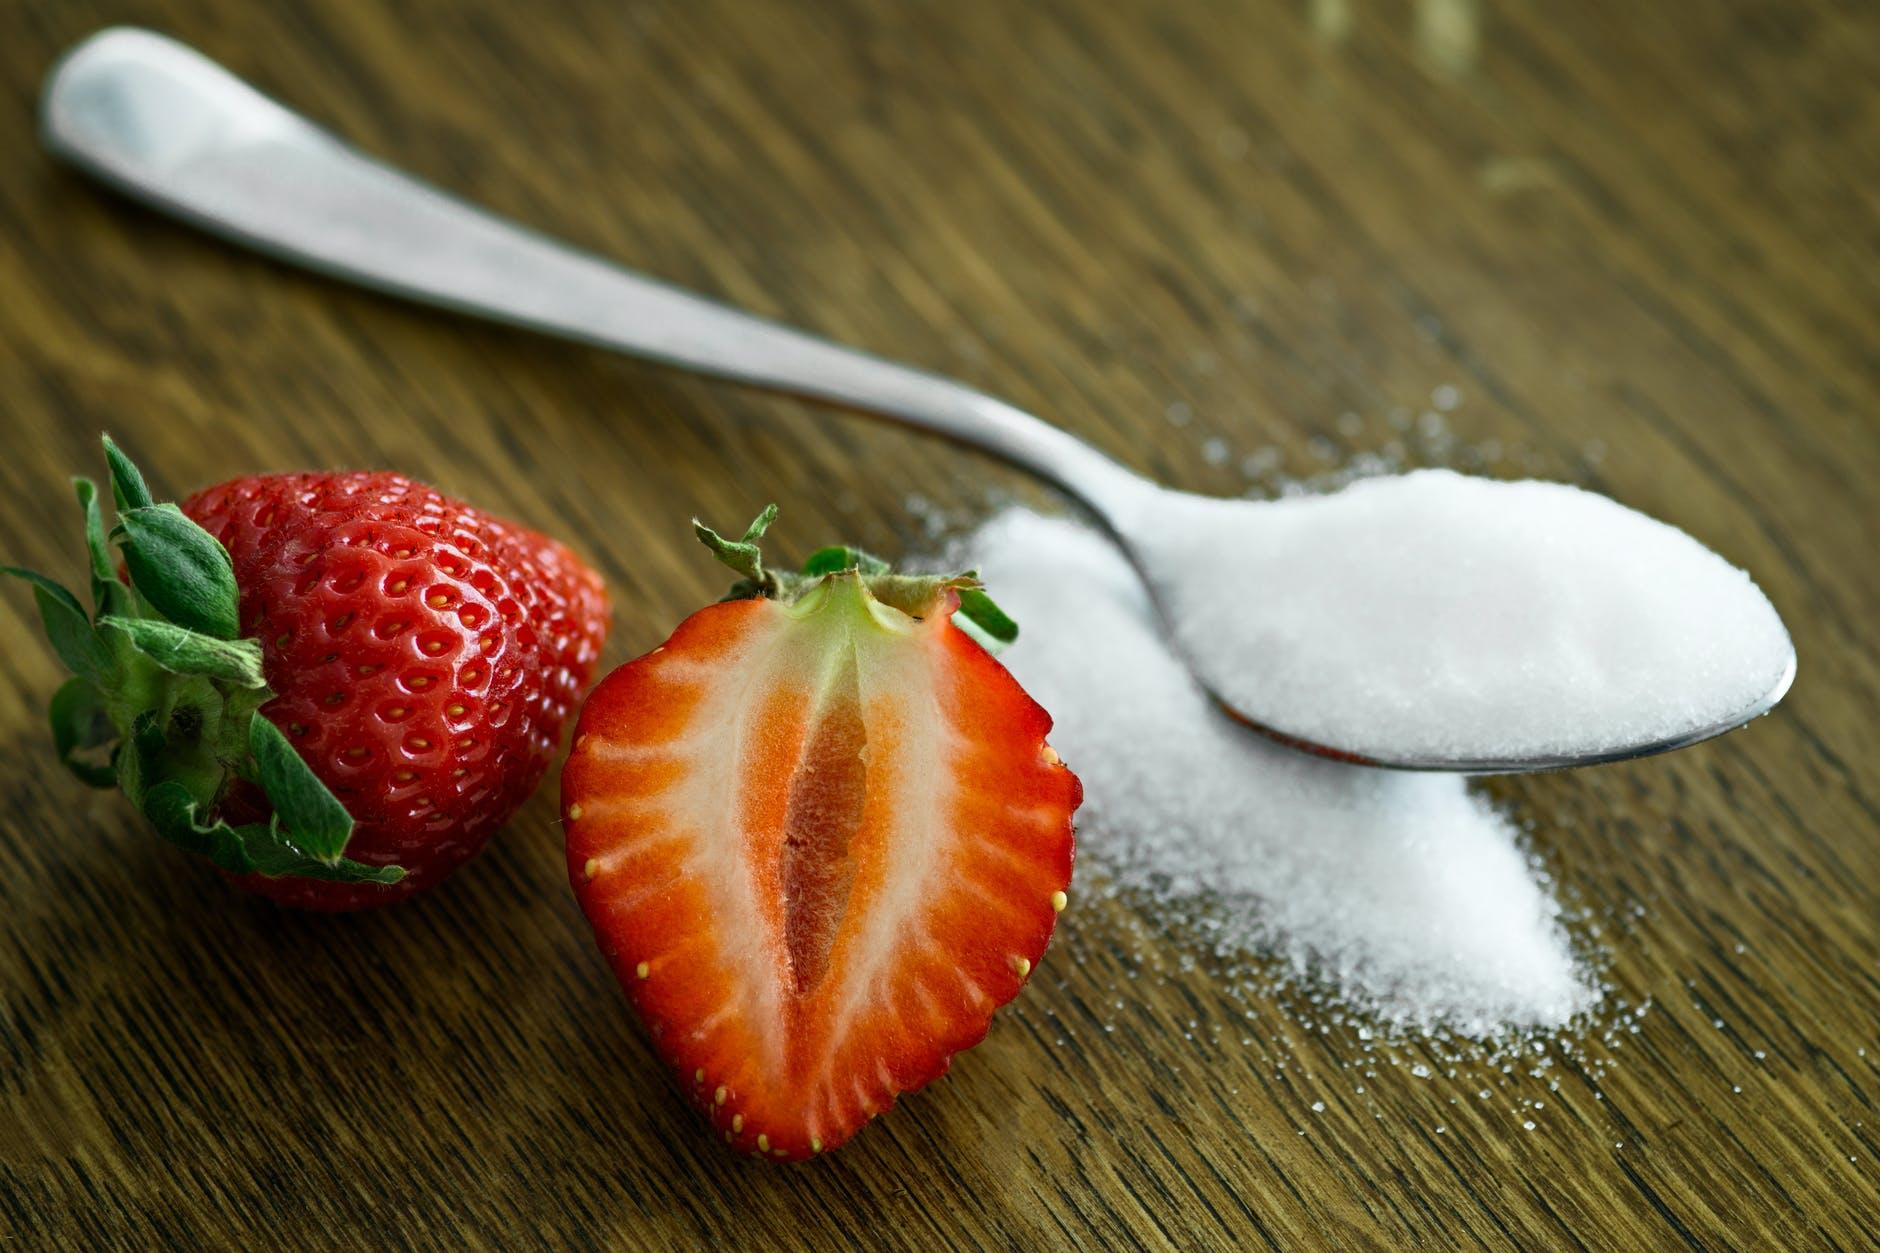 Nutriționiștii explică ce se întâmplă în organism când elimini zahărul. Experții au făcut publice rezultatele